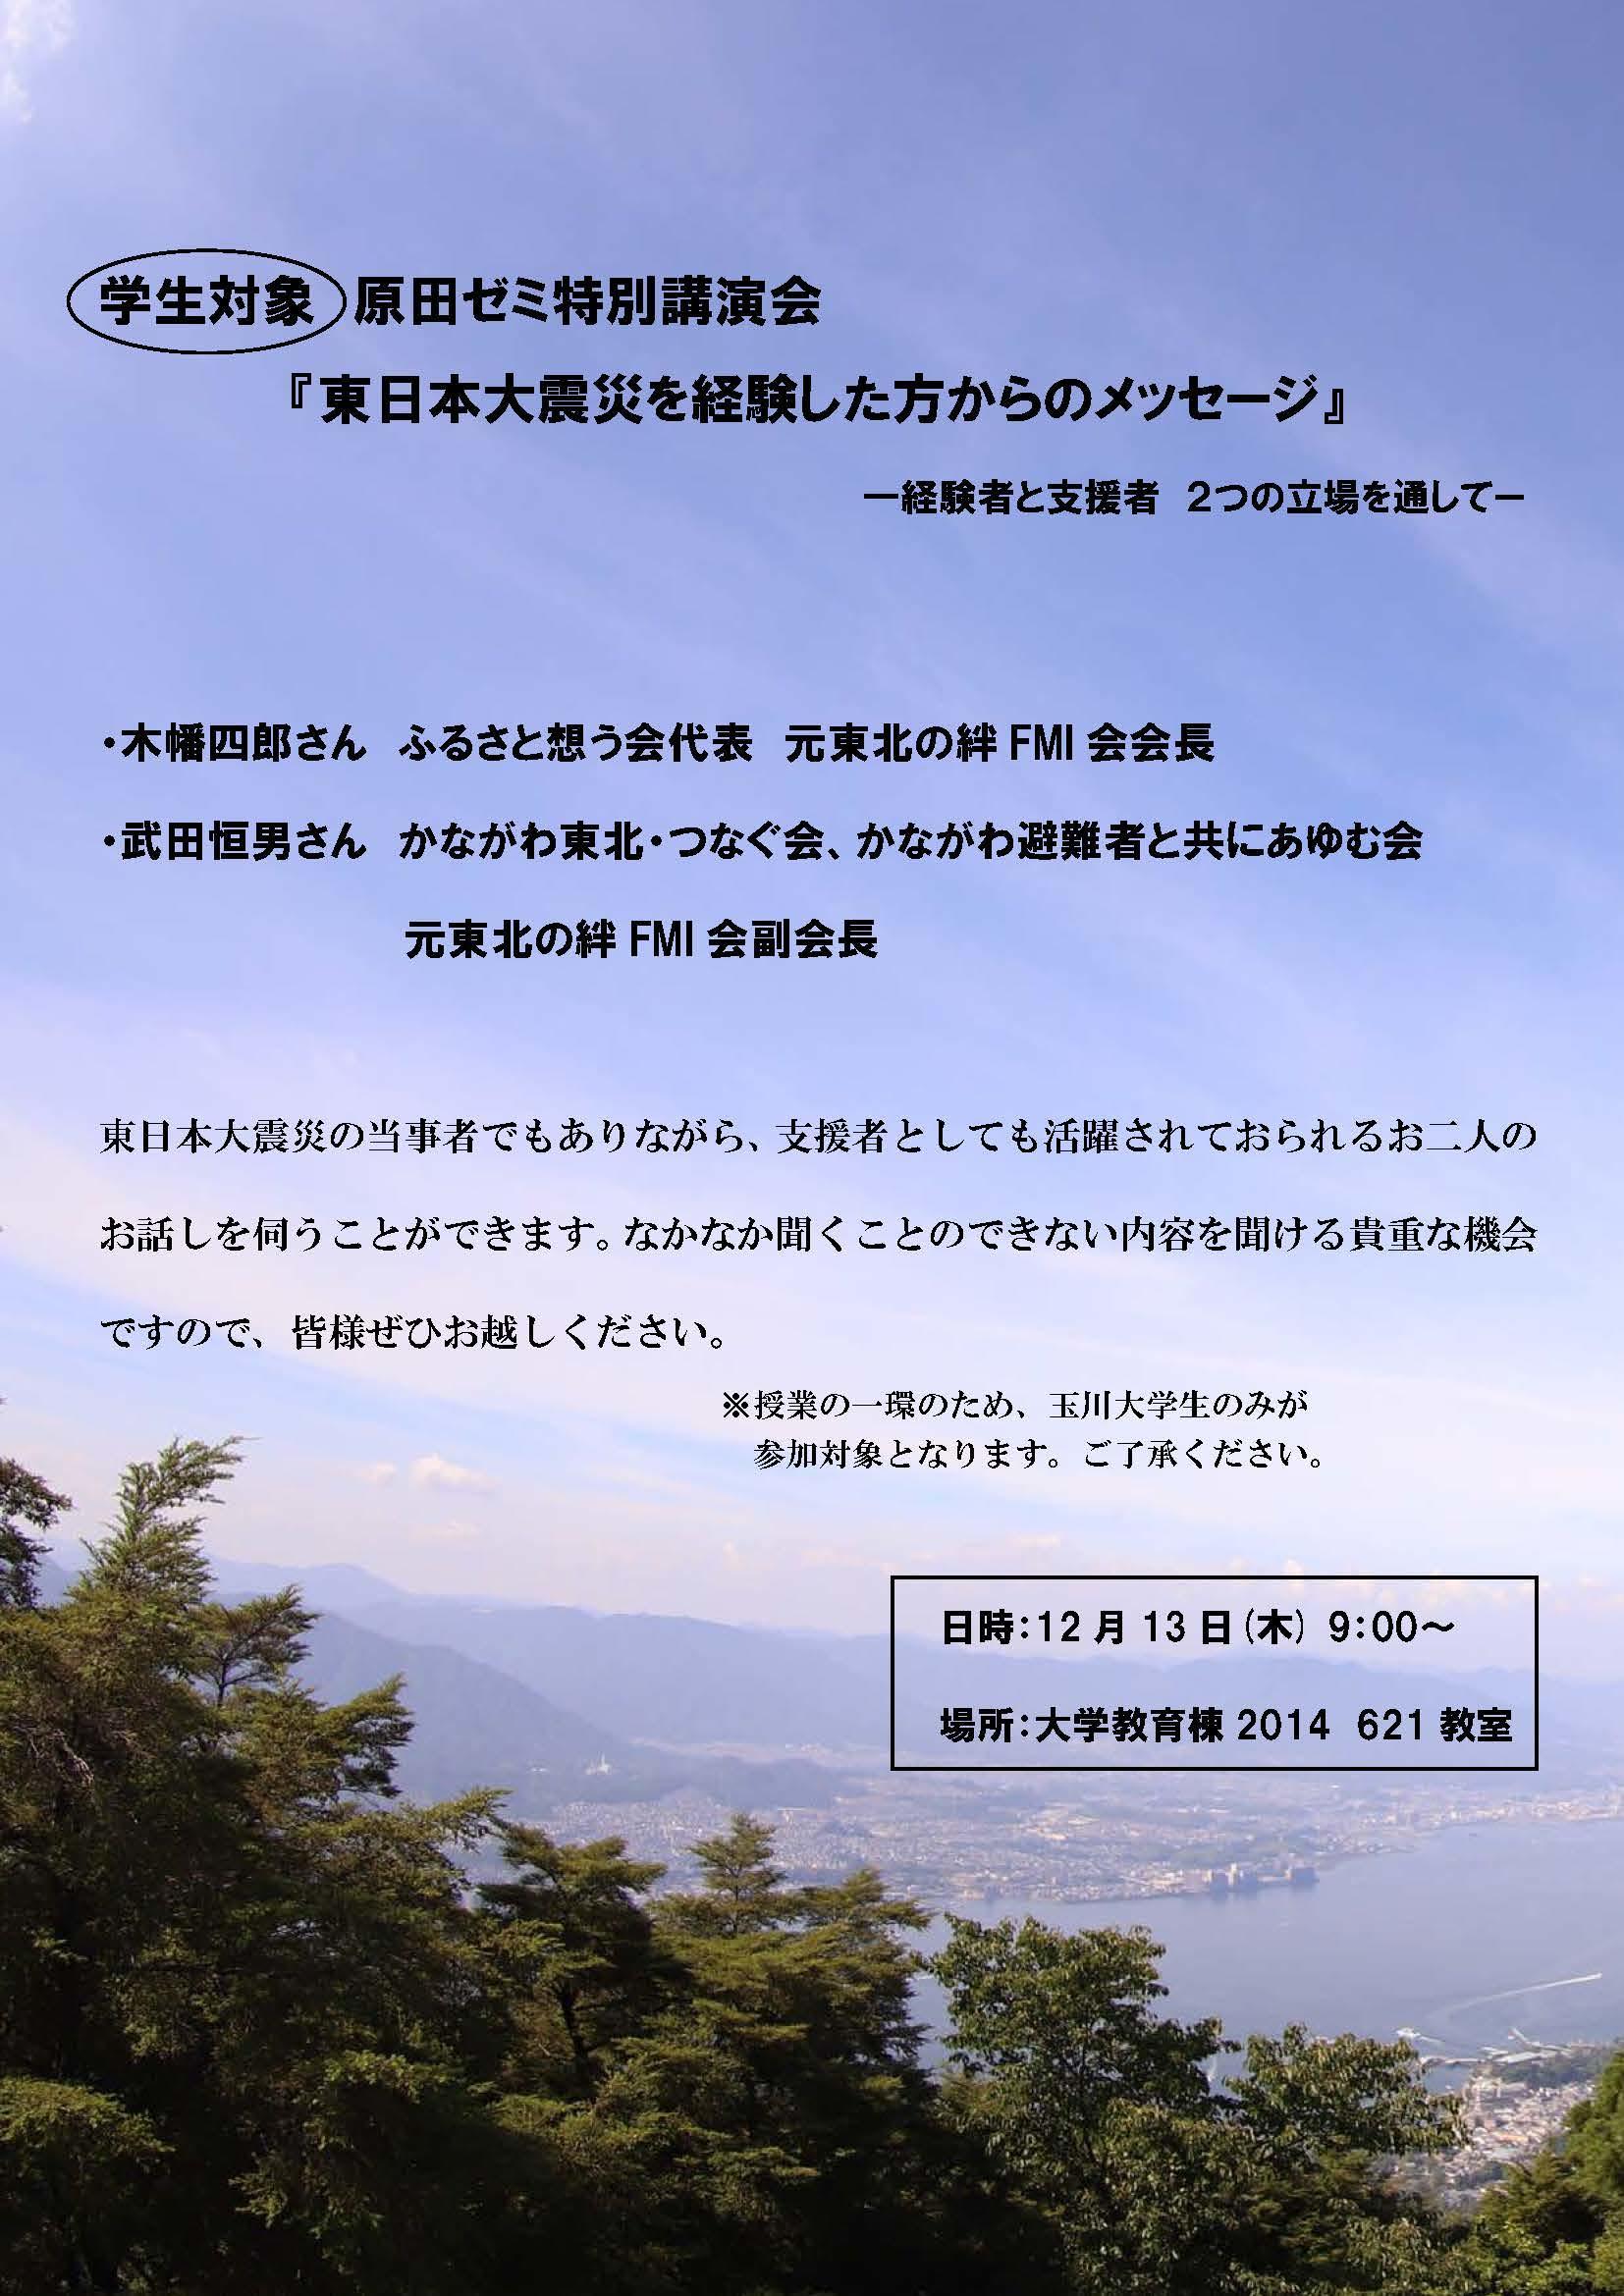 玉川大学が12月13日に学生を対象とした講演会「東日本大震災を経験した方からのメッセージ」を開催 -- 被災者・支援者の双方の視点から語る